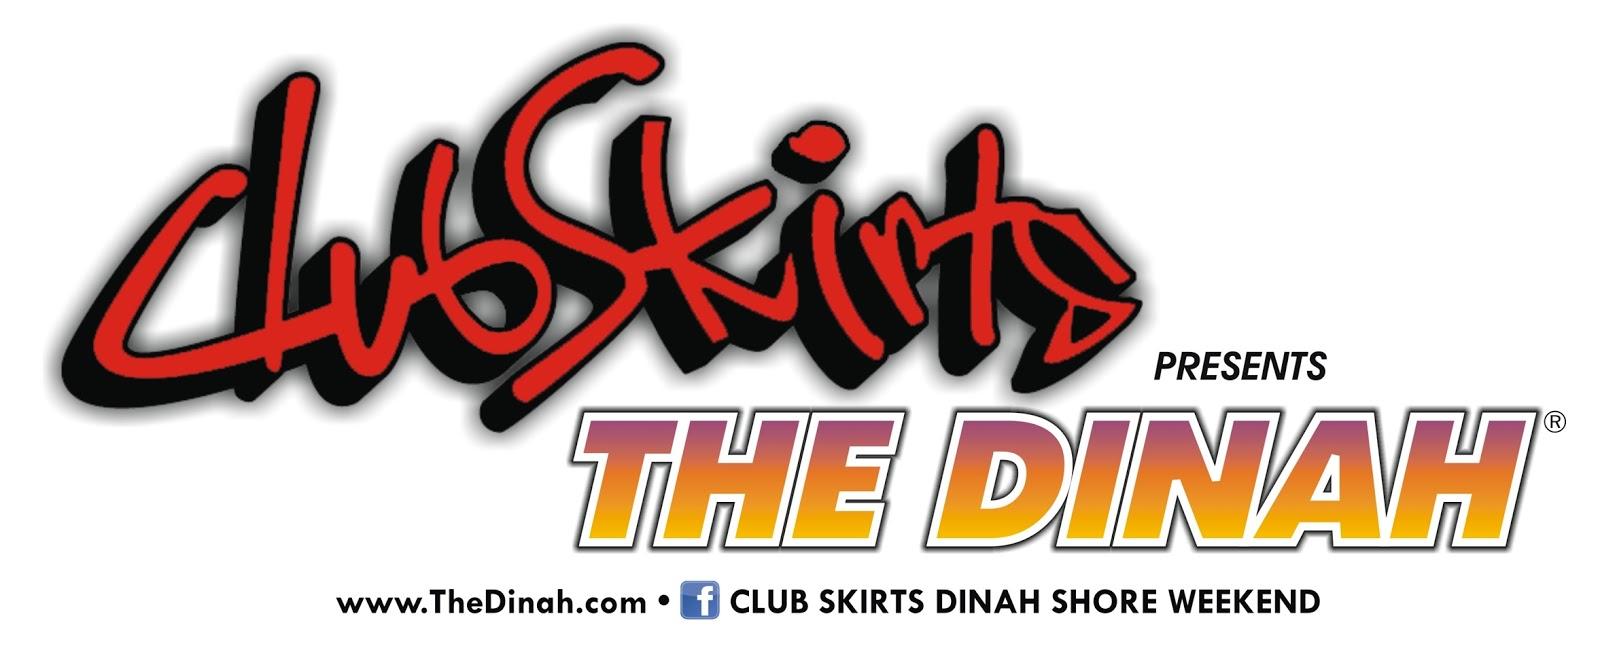 ClubSkirtsDinah_LARGE.jpg